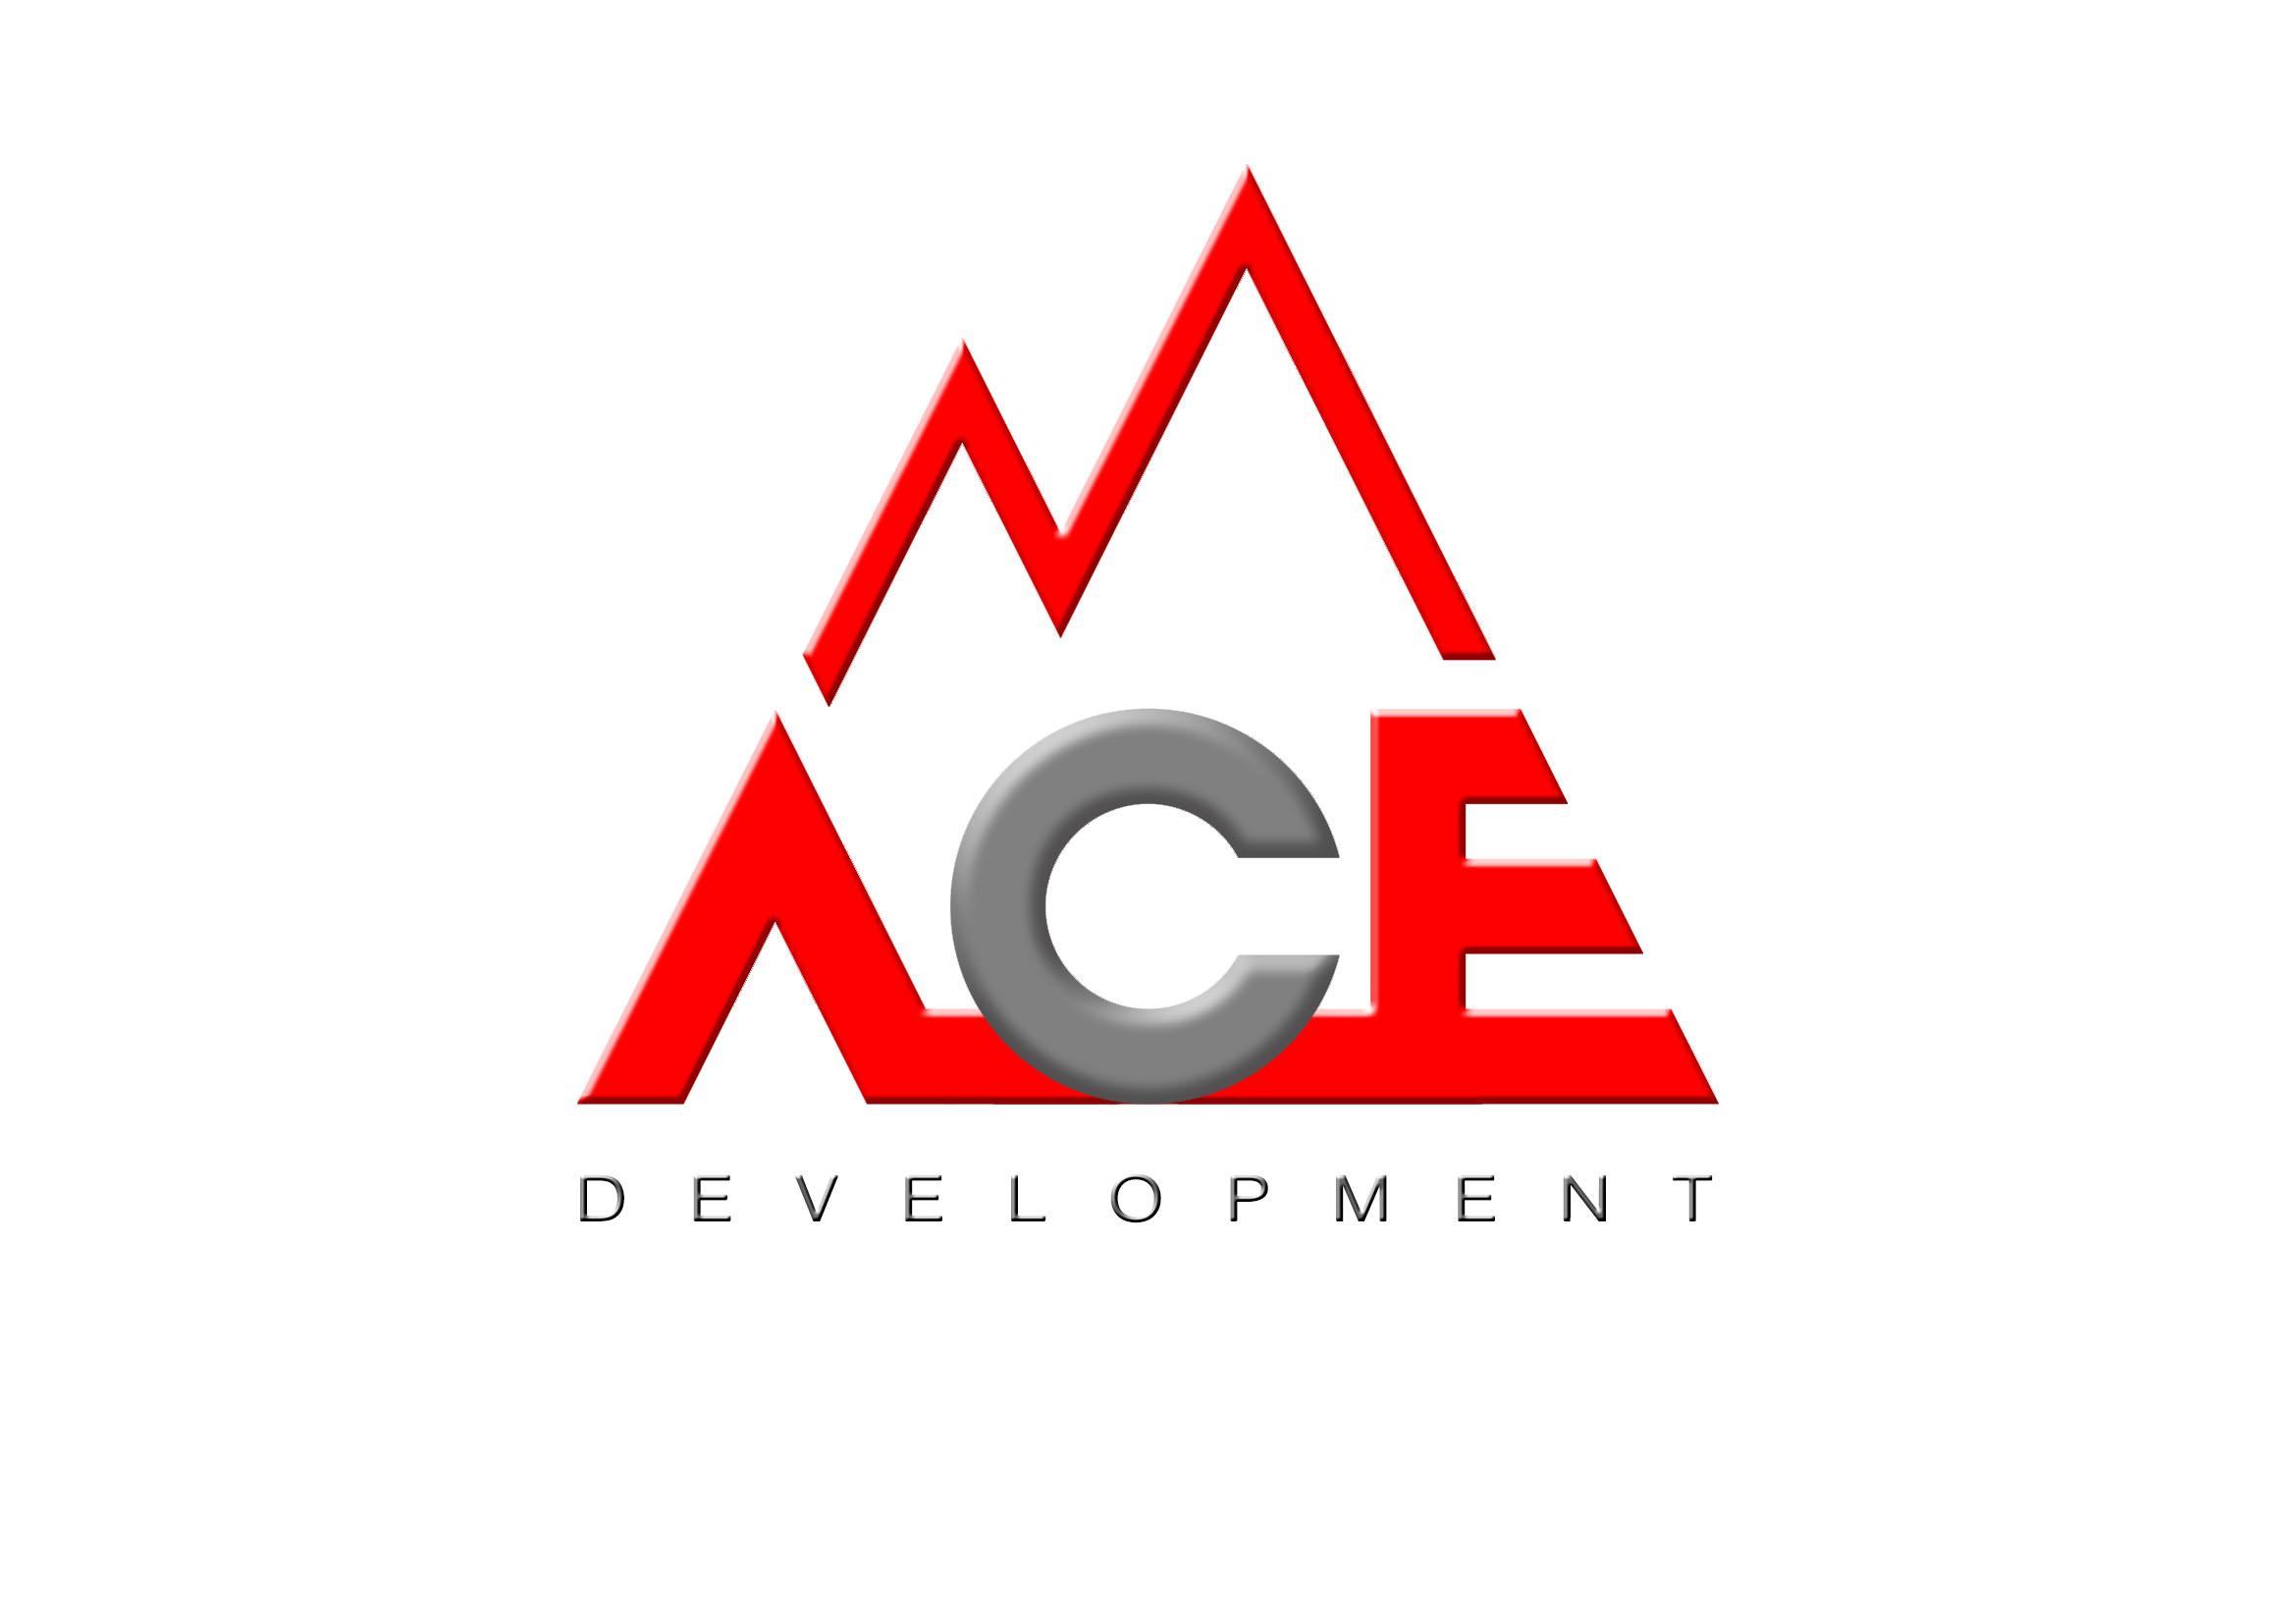 Logo Design by JR Cantos - Entry No. 3 in the Logo Design Contest Fun Logo Design for Ace development.